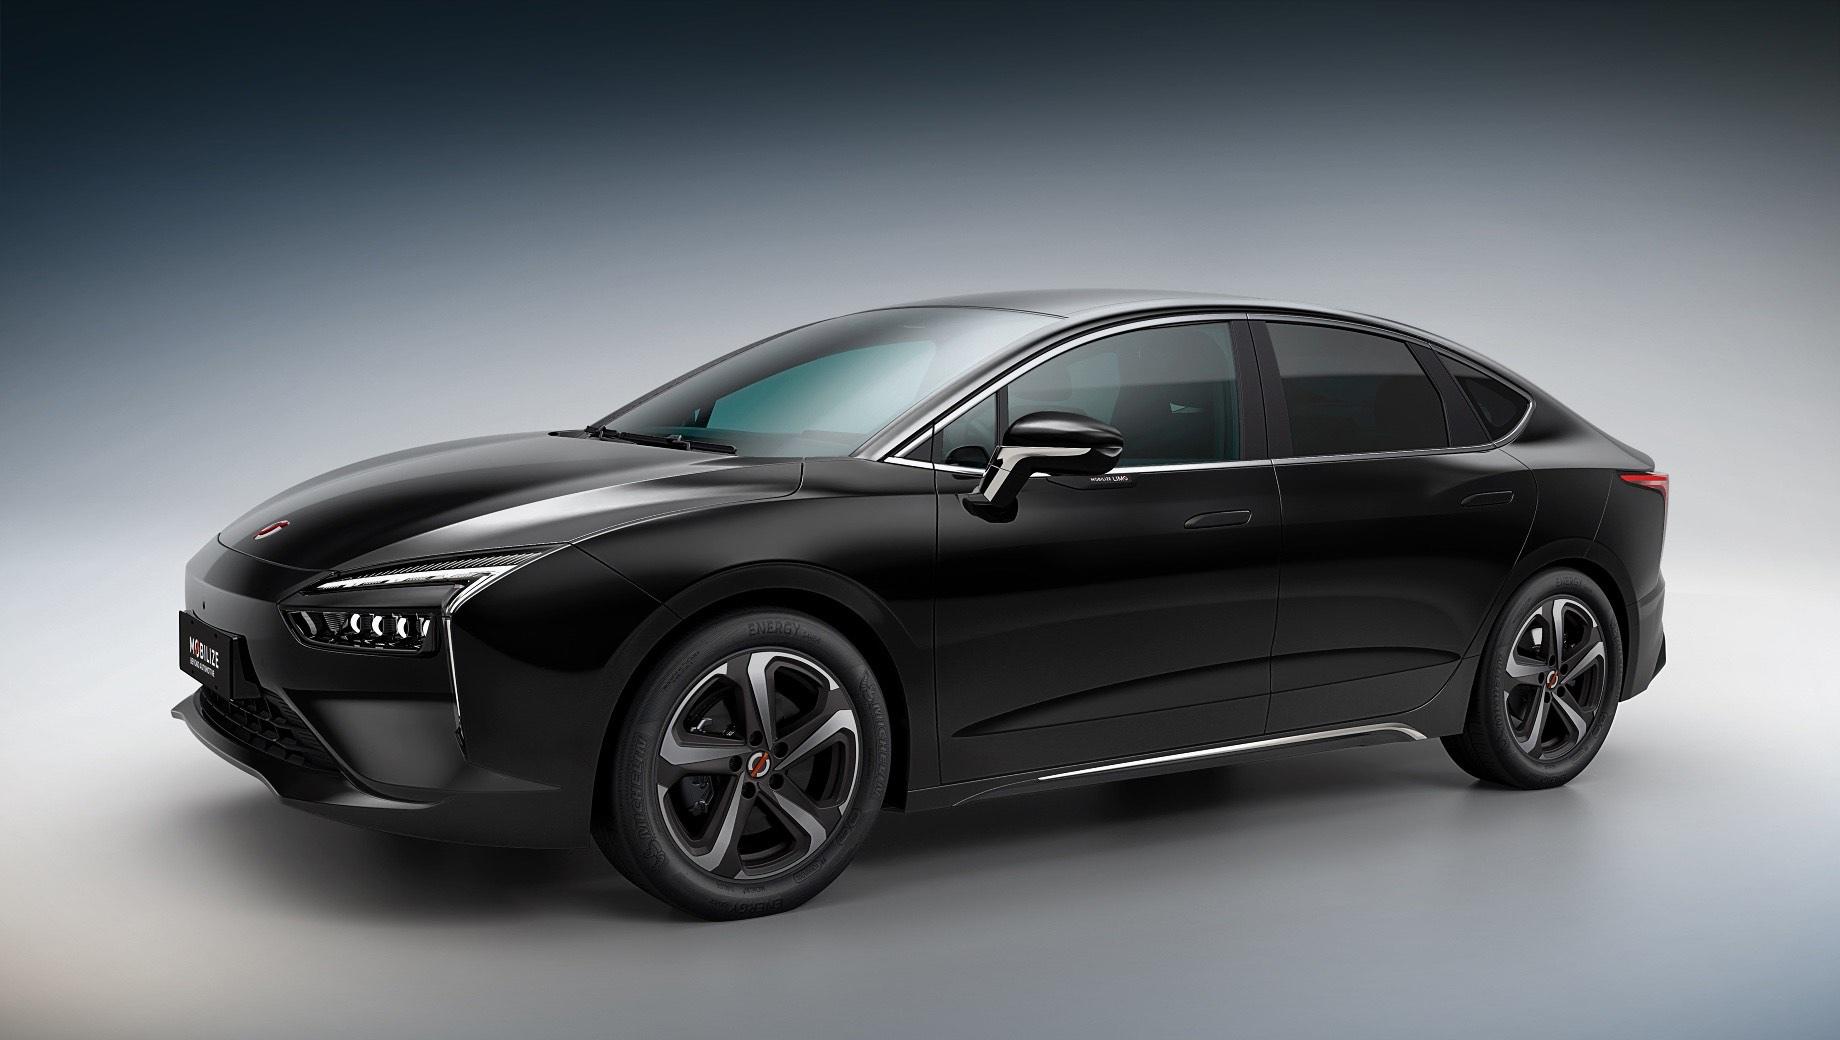 Renault mobilize,Renault mobilize limo. Словом «лимо» обычно называют лимузины, но это четырёхдверка C-класса размером с Октавию A7: 4670×1830×1470 мм, колёсная база — 2750. Для окраски кузова предусмотрены серый и чёрный «металлики» плюс «просто» белый. Светотехника — диодная. Легкосплавные диски — 17-дюймовые.